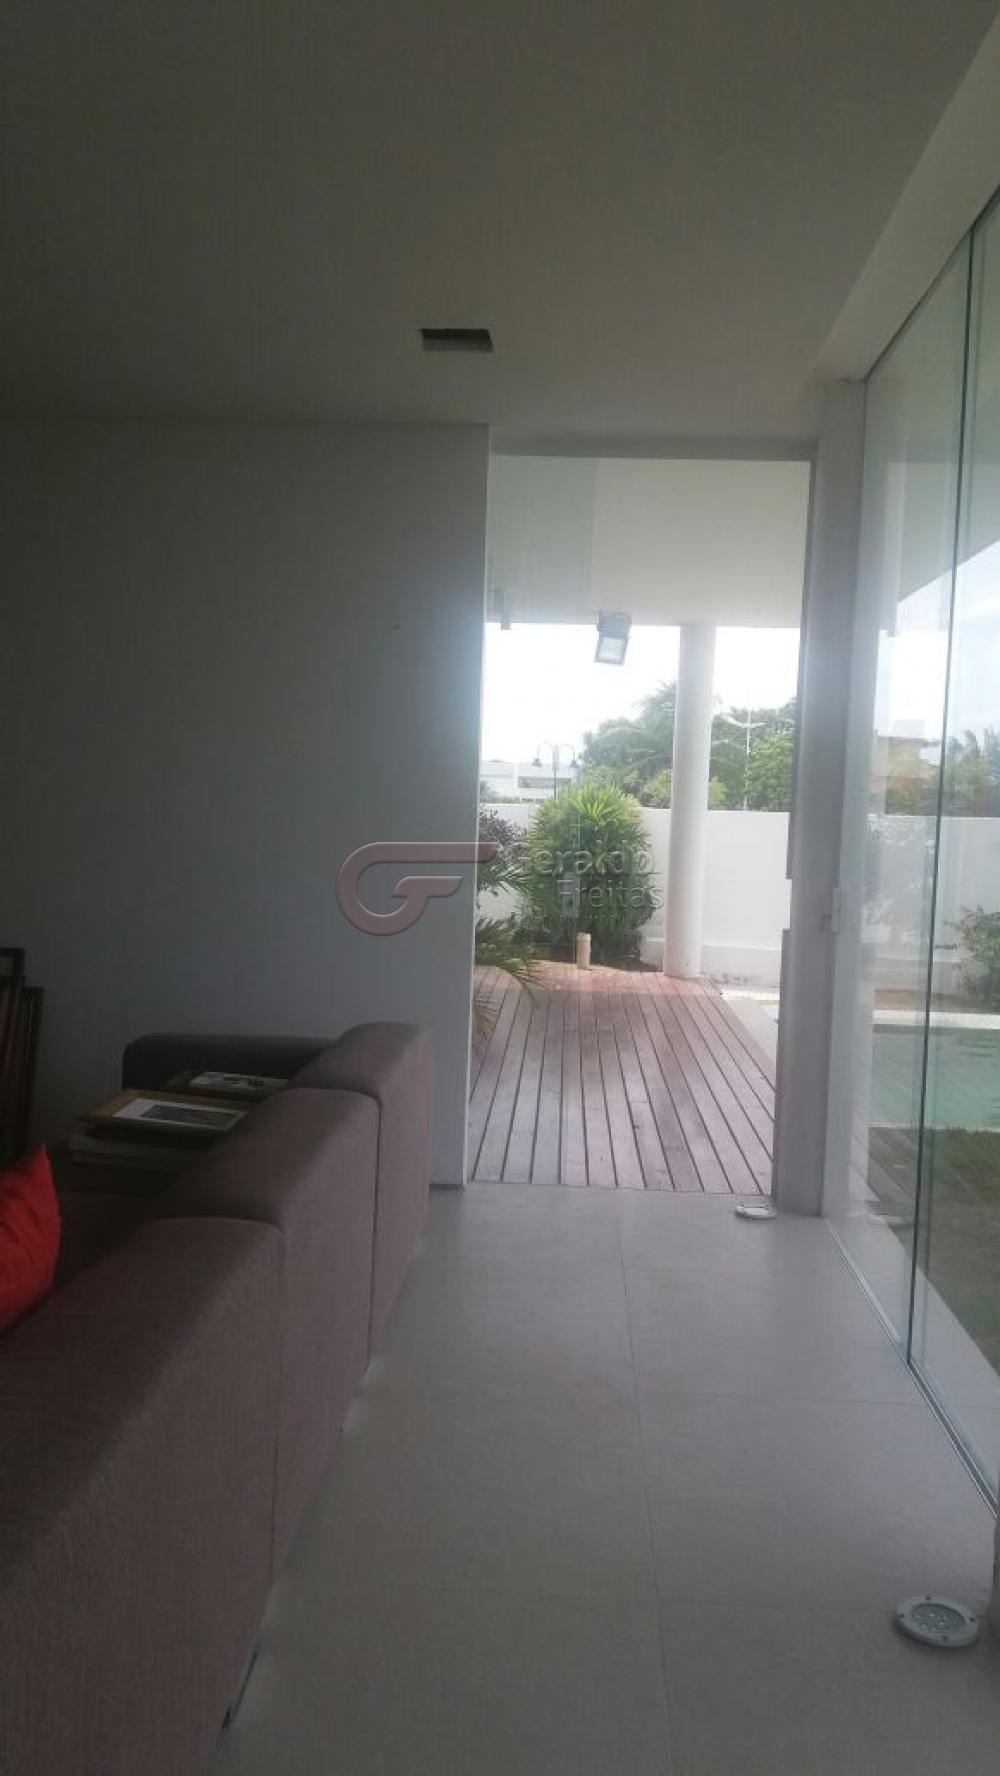 Alugar Casas / Condominio em Marechal Deodoro apenas R$ 10.000,00 - Foto 43